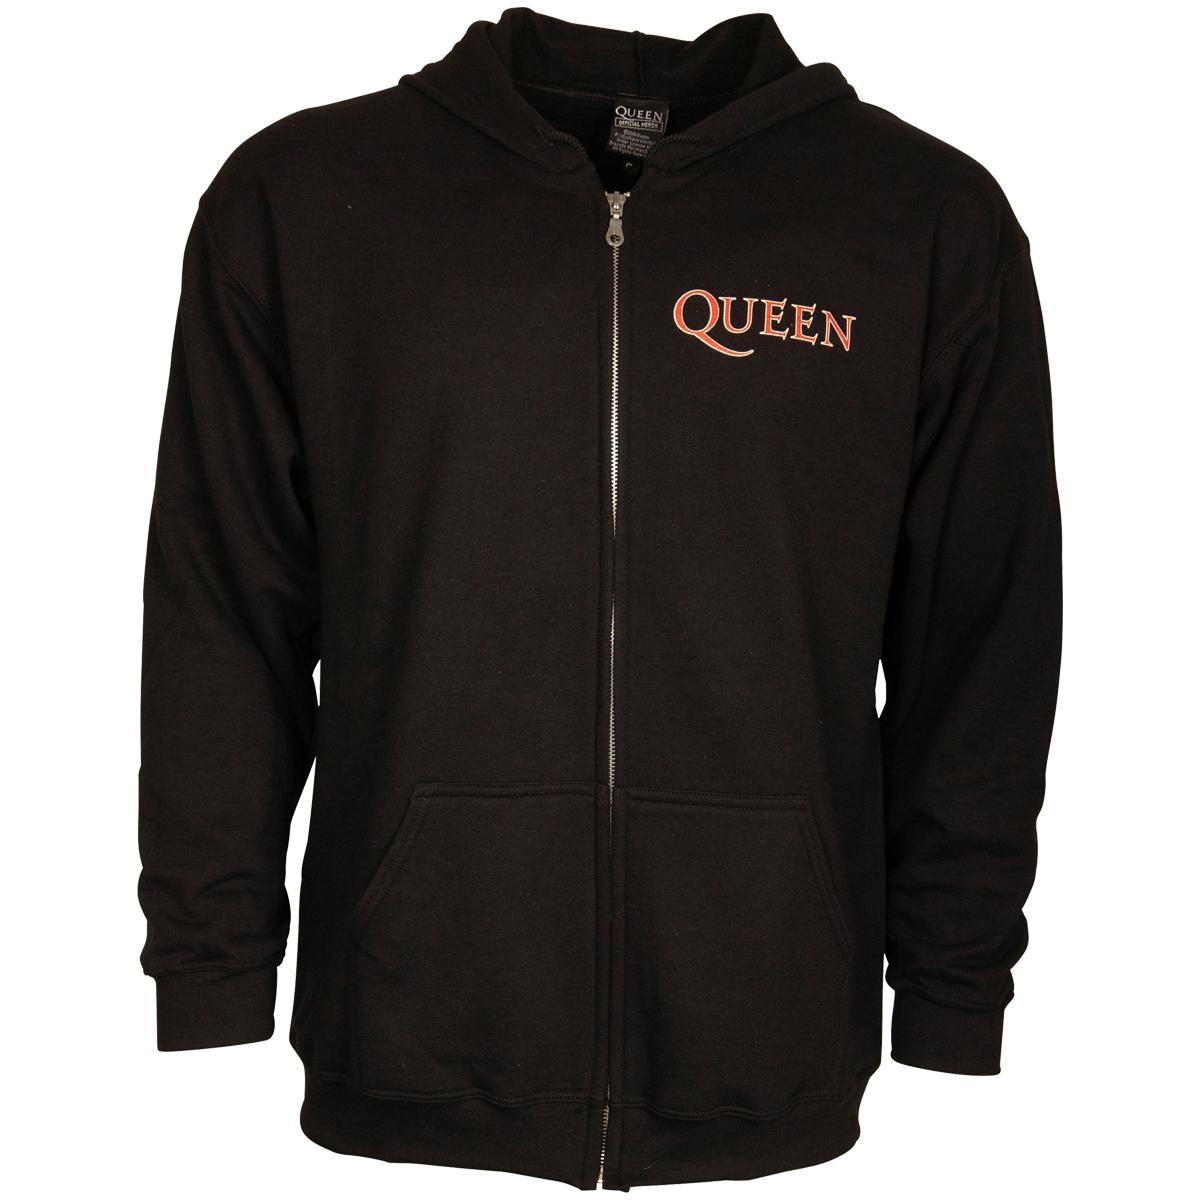 Queen - Kapuzenjacke Classic Crest - schwarz